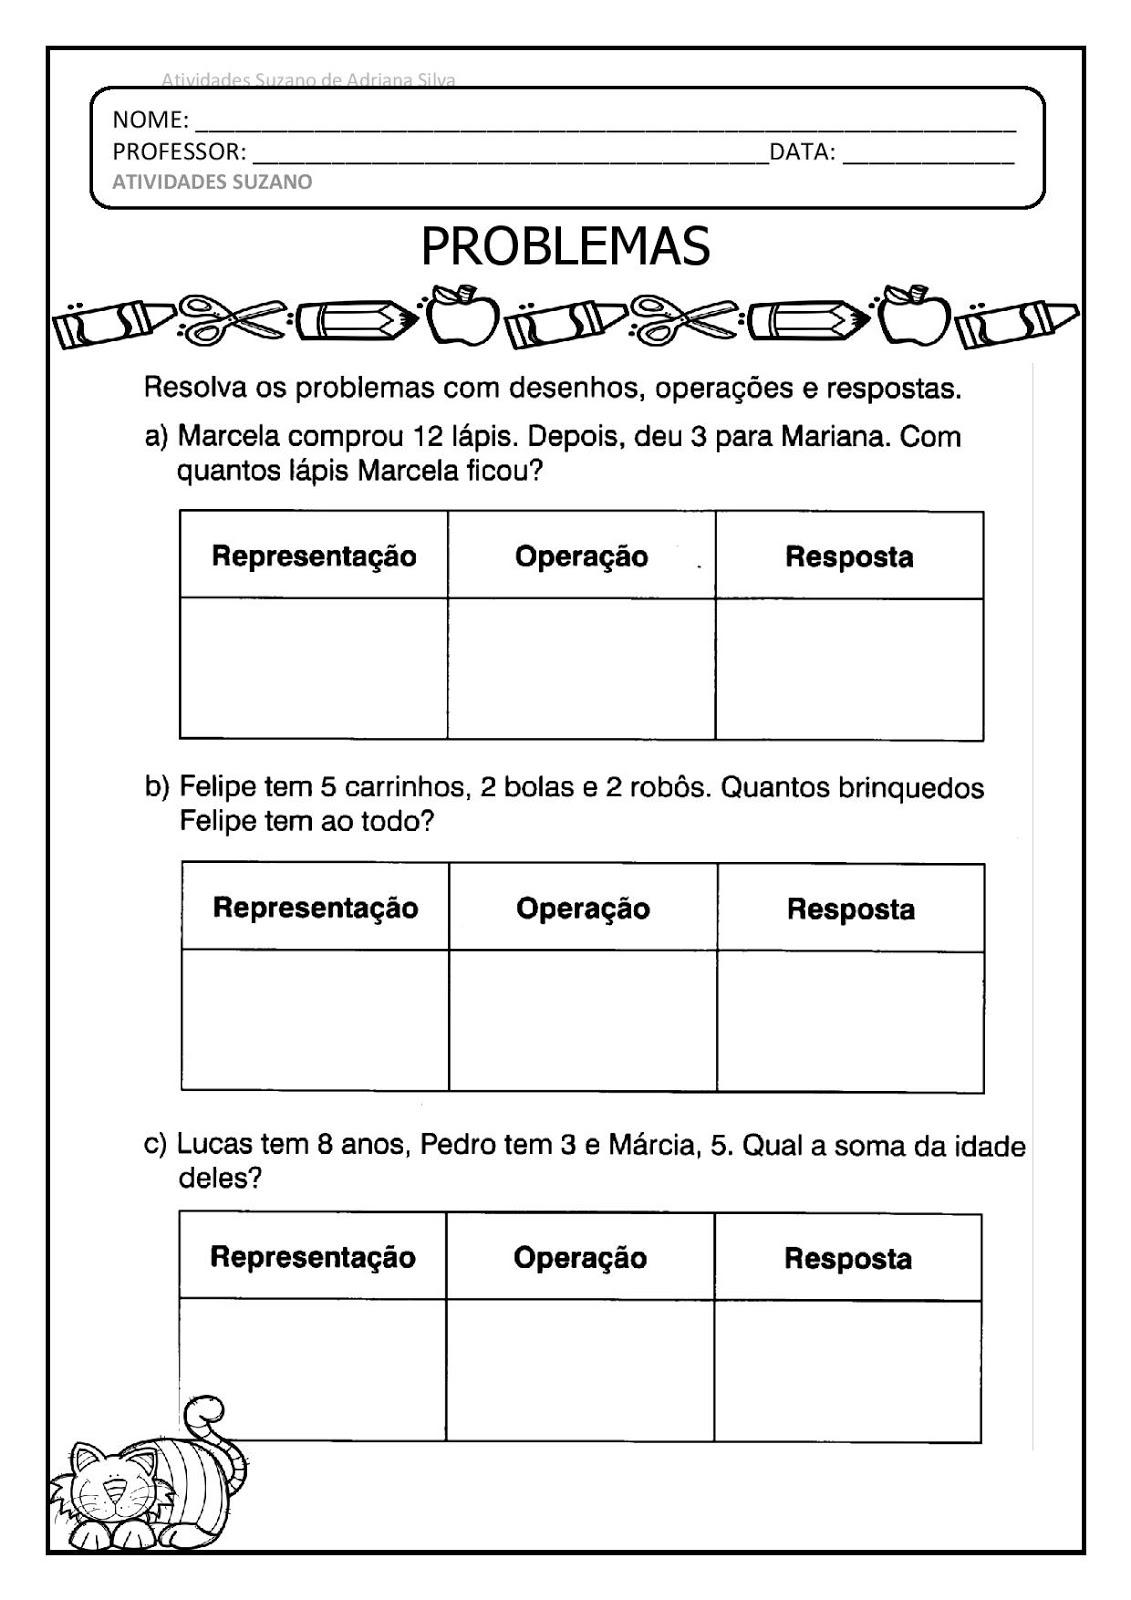 Portuguesa de ferias 2 - 2 part 2